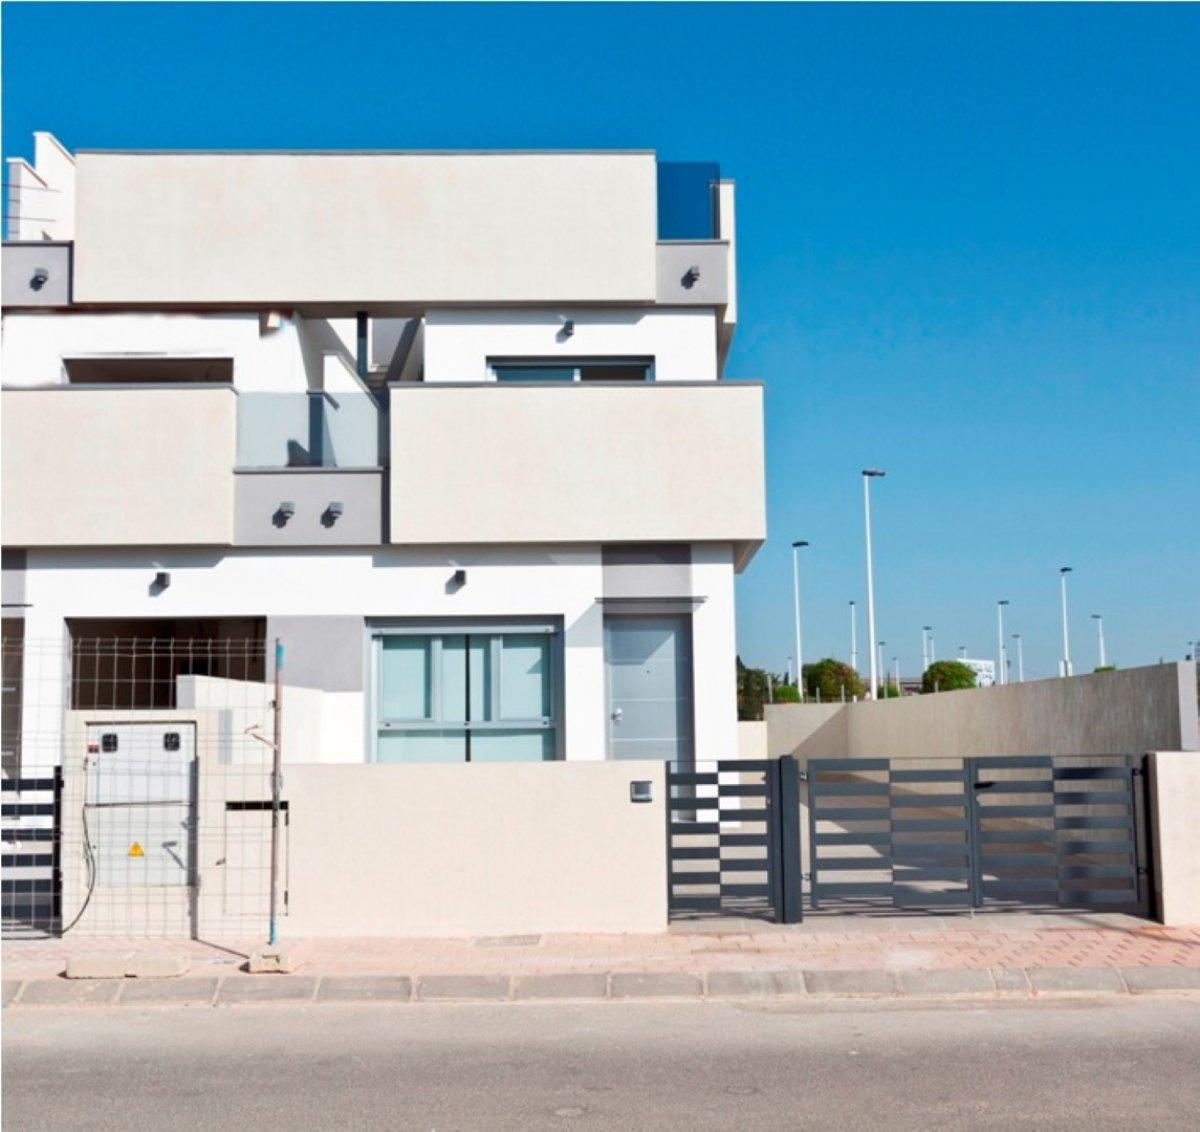 Townhouse - New Build - Santiago de la Ribera - Santiago de la Ribera